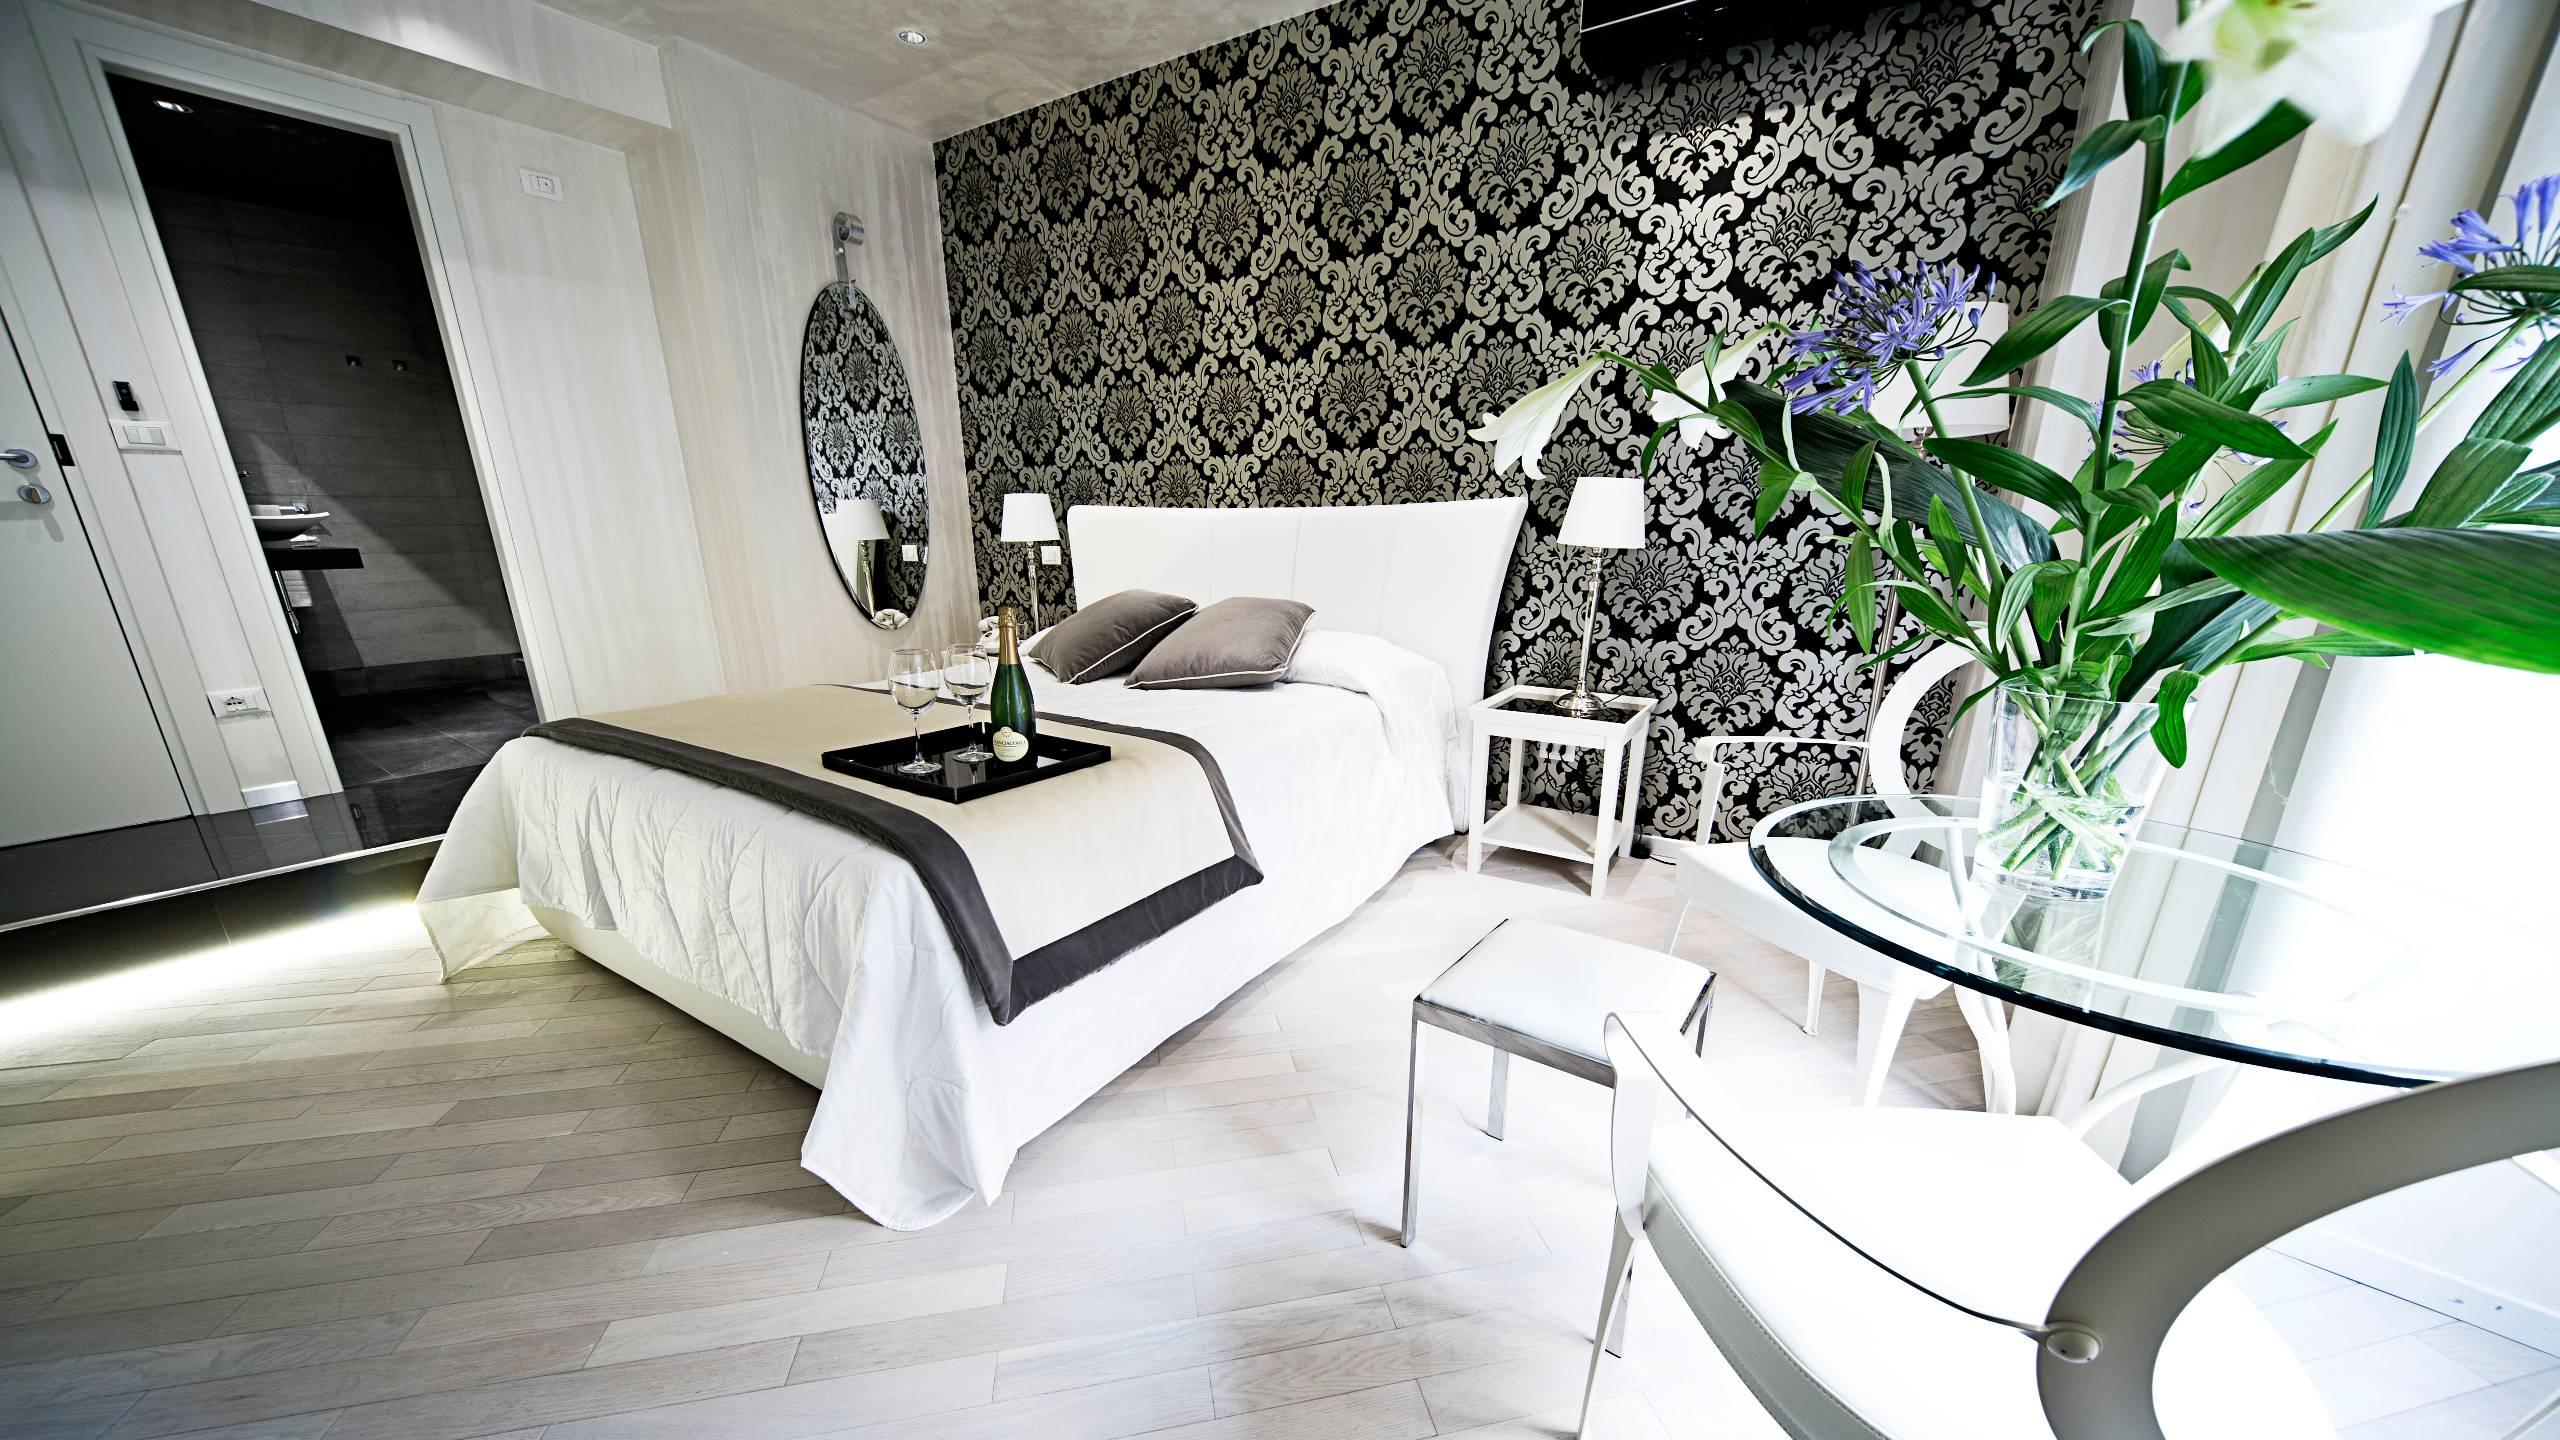 LBH-Hotel-Caravita-rome-junior-suite-2-1